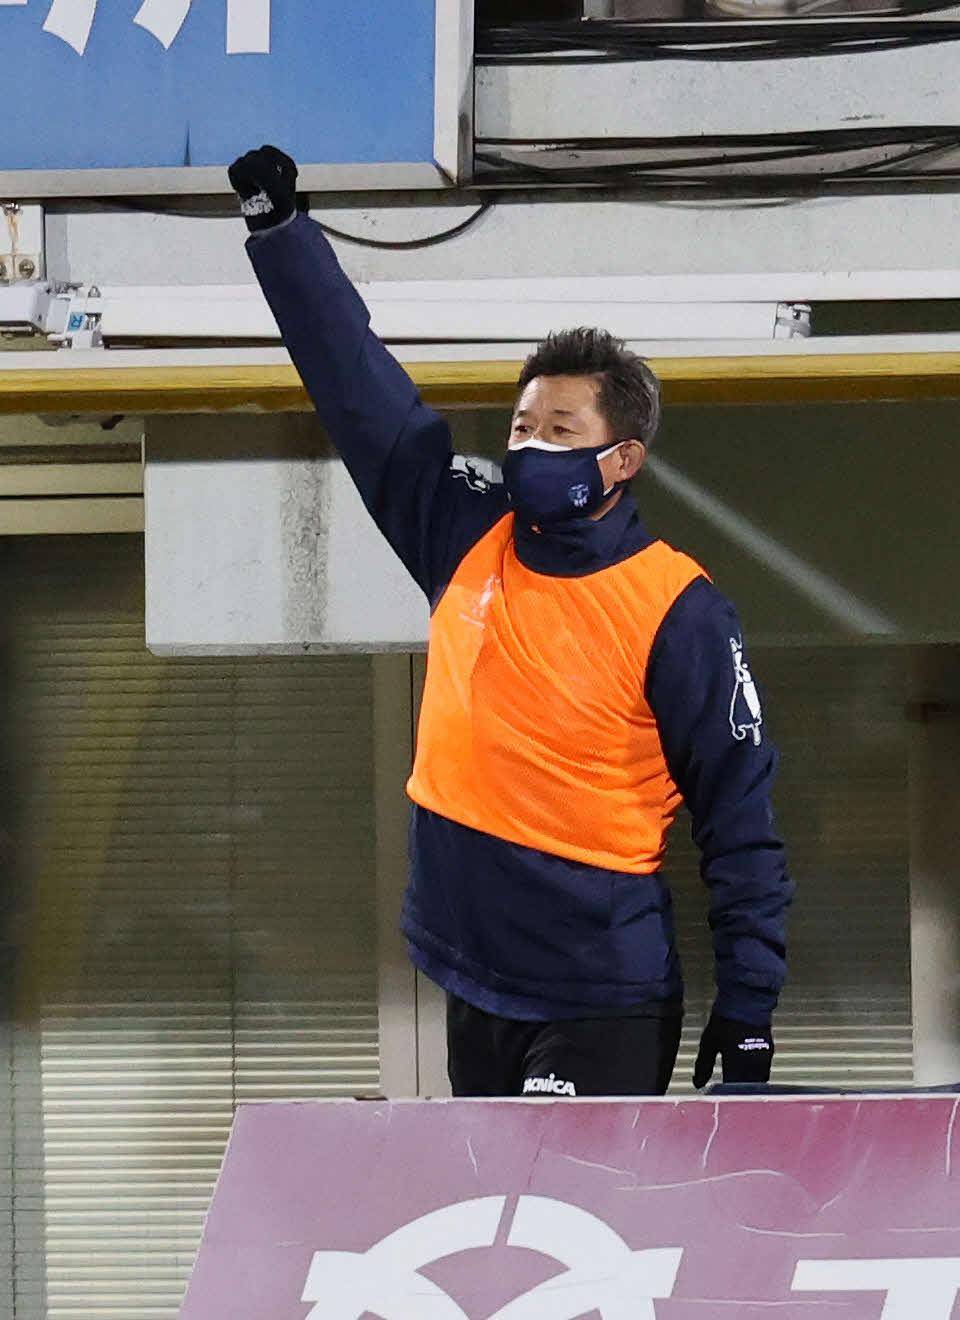 柏対横浜FC 後半、FW伊藤の得点にガッツポーズする横浜FC・FWカズ(撮影・鈴木正人)